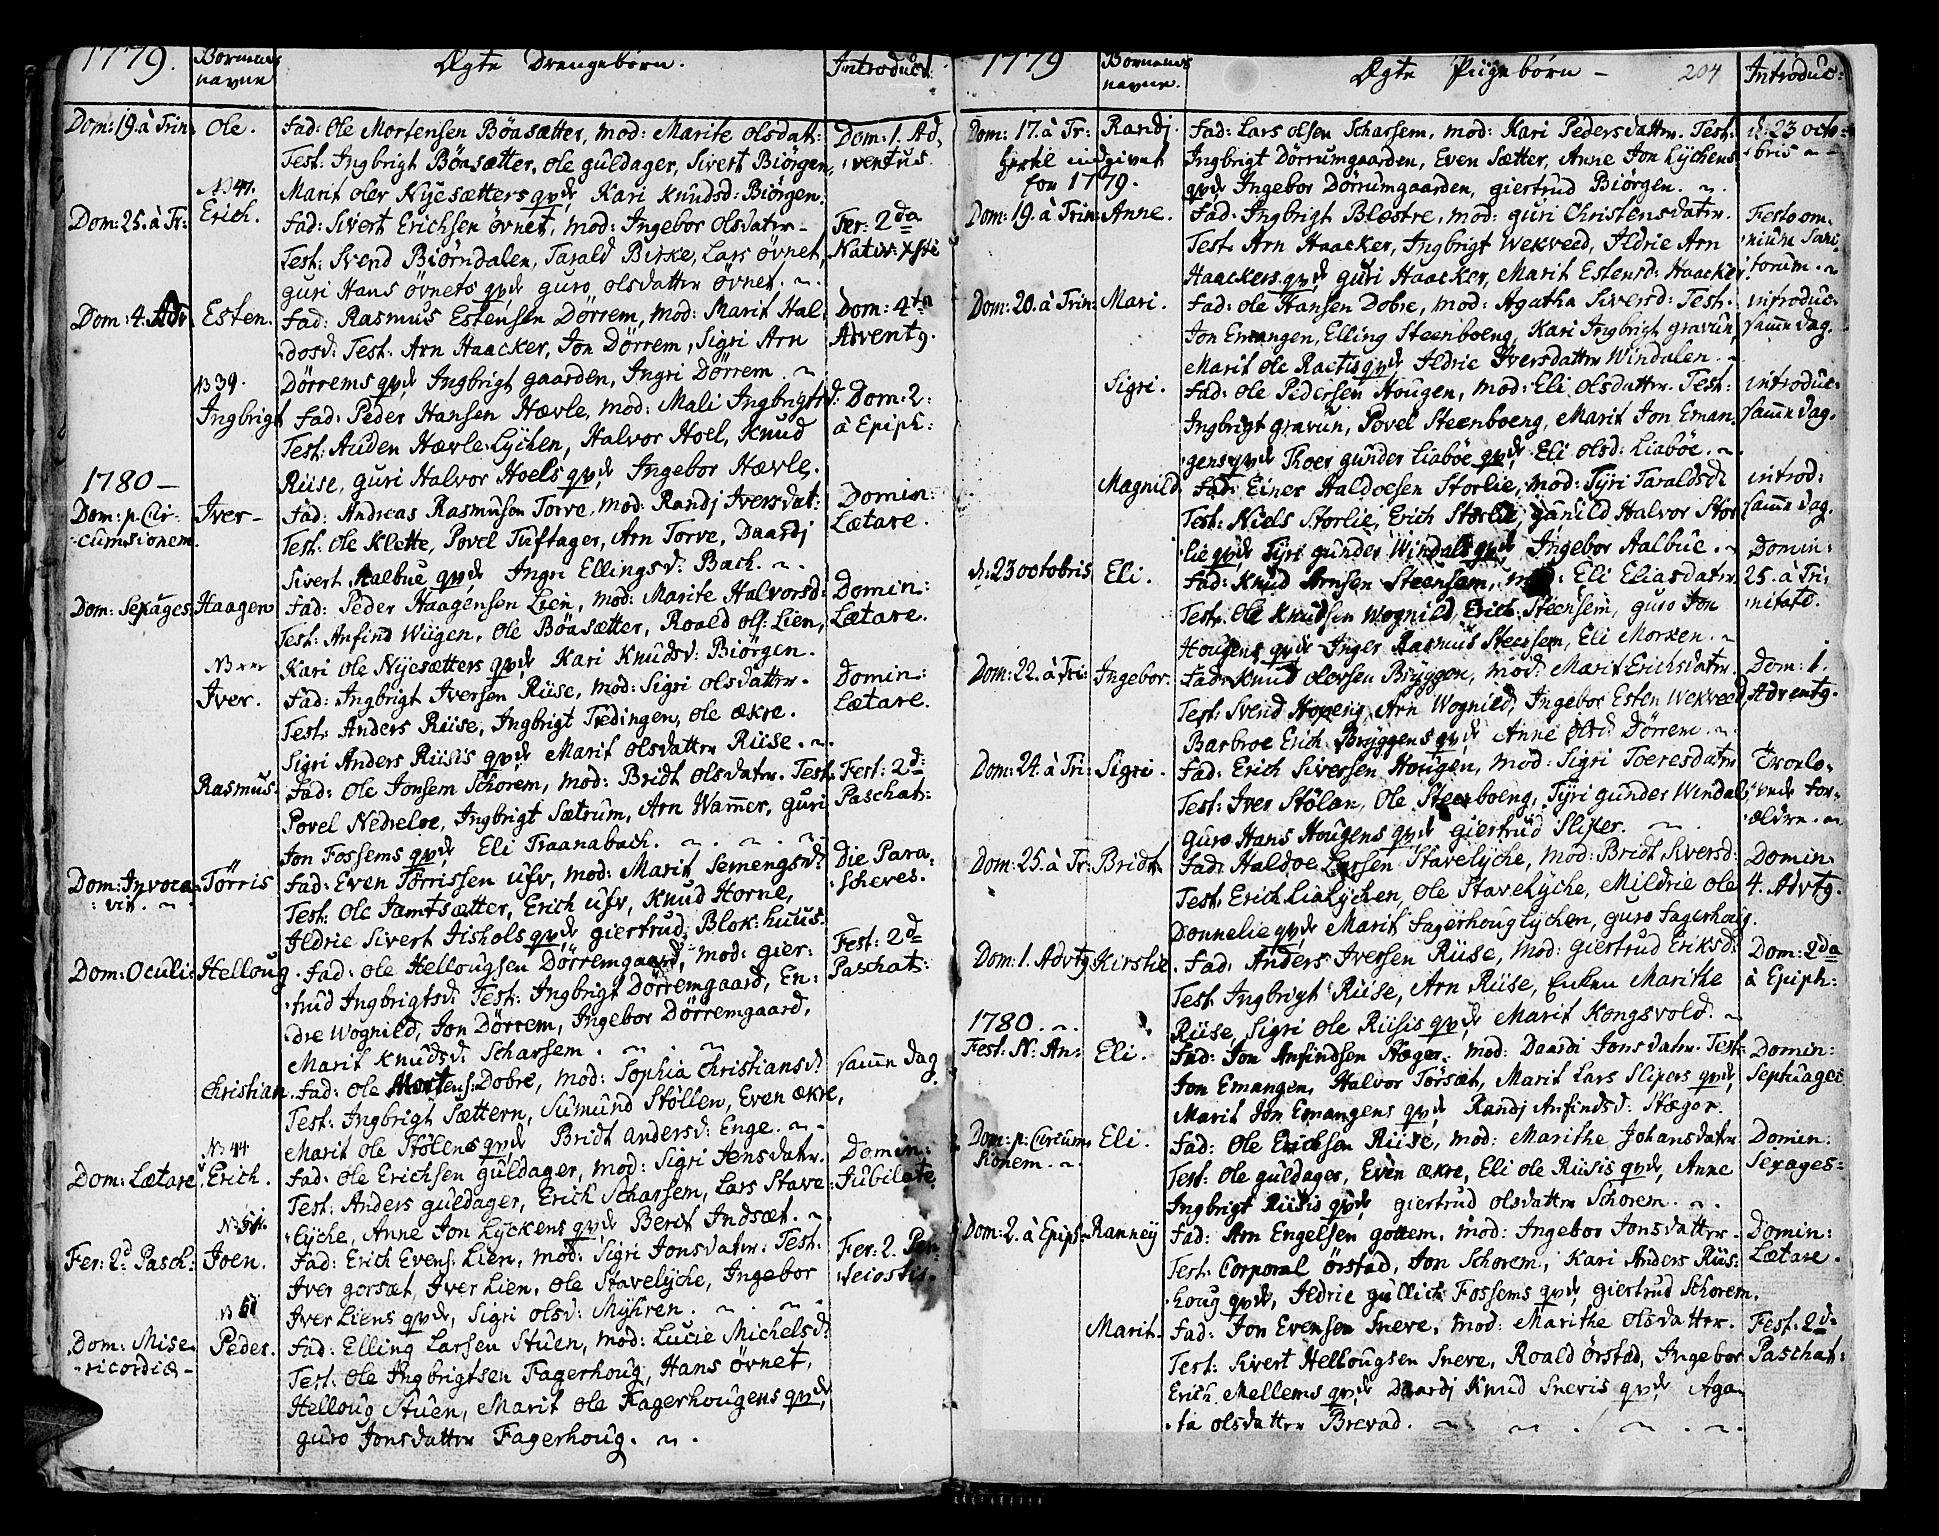 SAT, Ministerialprotokoller, klokkerbøker og fødselsregistre - Sør-Trøndelag, 678/L0891: Ministerialbok nr. 678A01, 1739-1780, s. 204